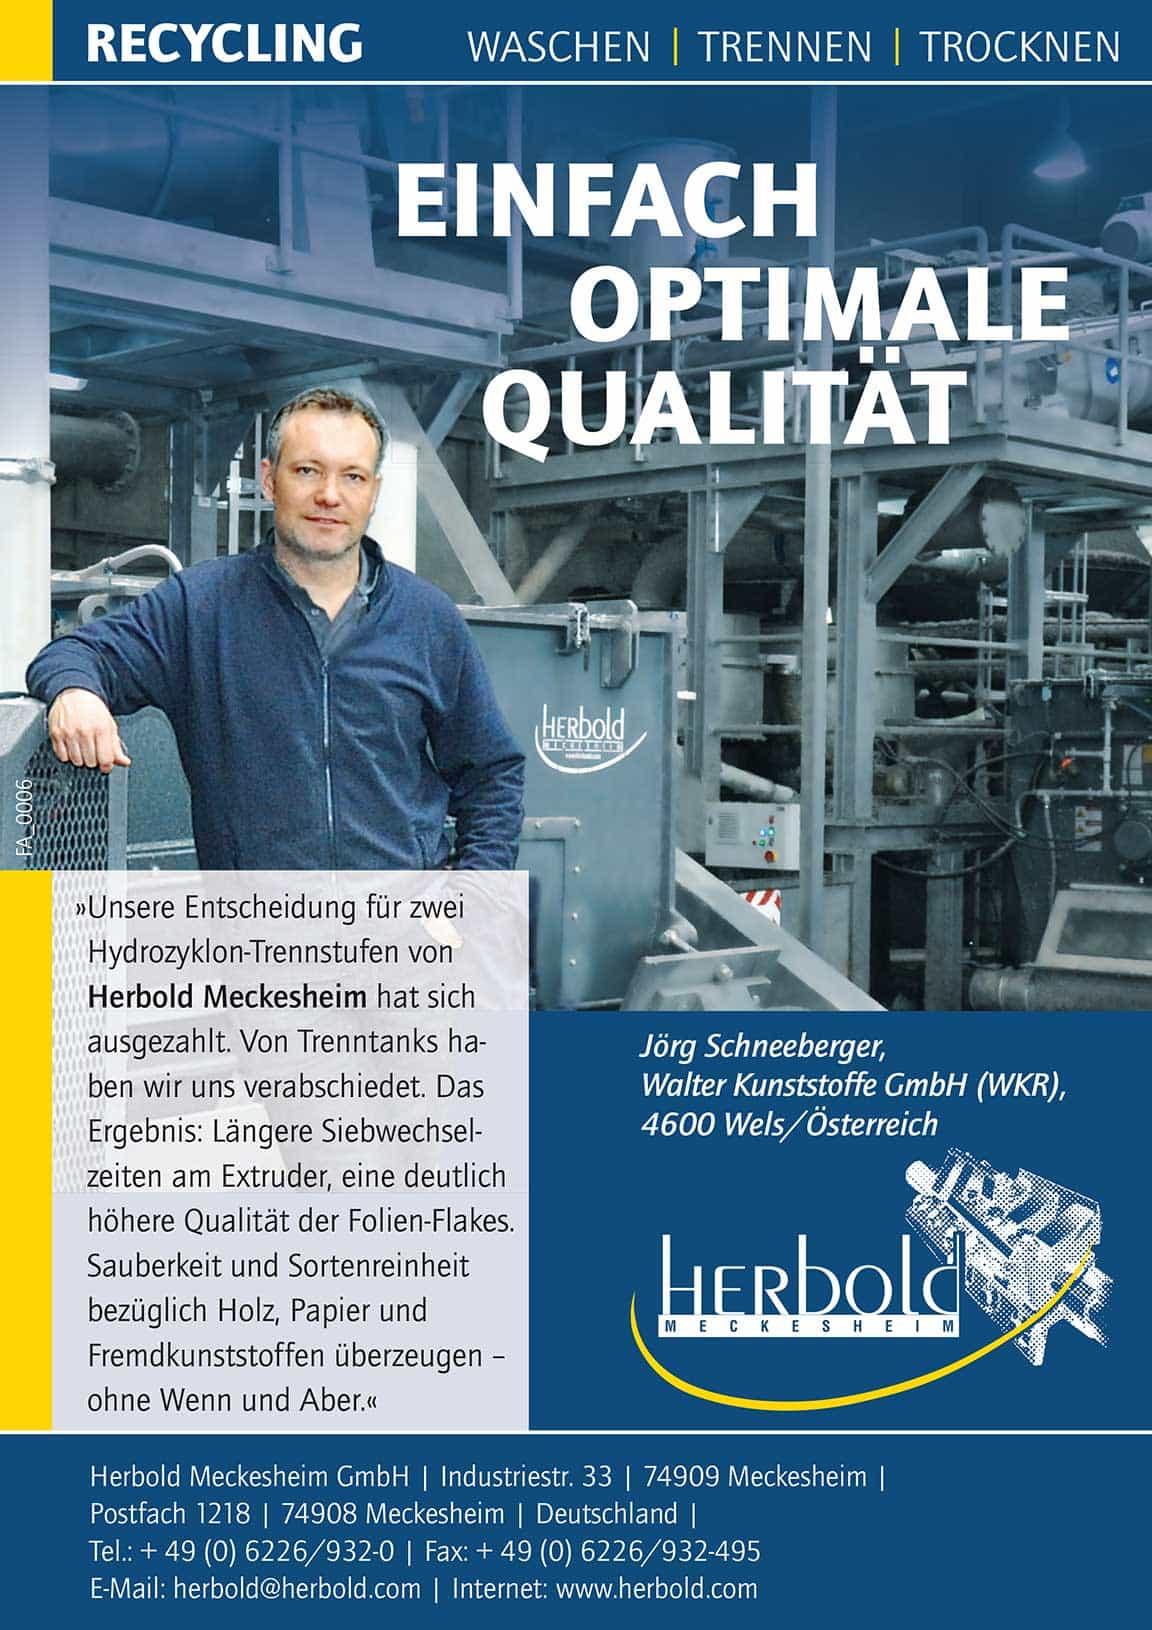 Testimonial-Hydrozyklontrennstufe-Deutsch-Herbold-Meckesheim